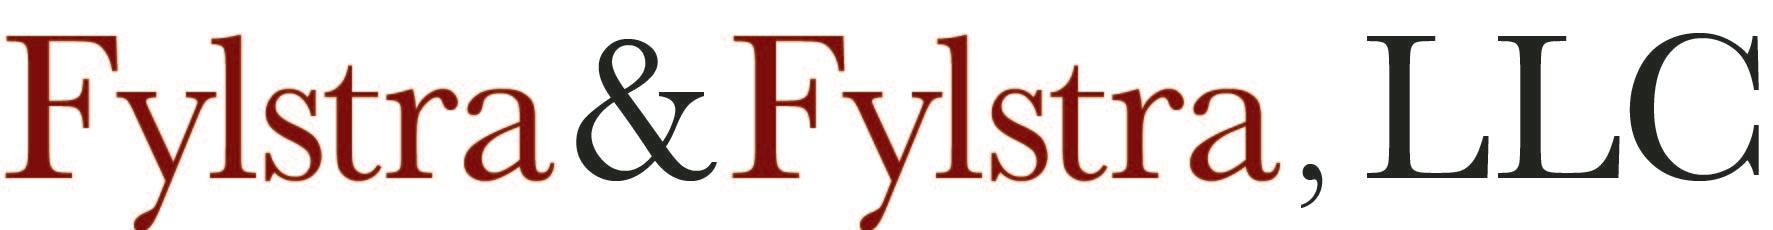 Fylstra & Fylstra, LLC